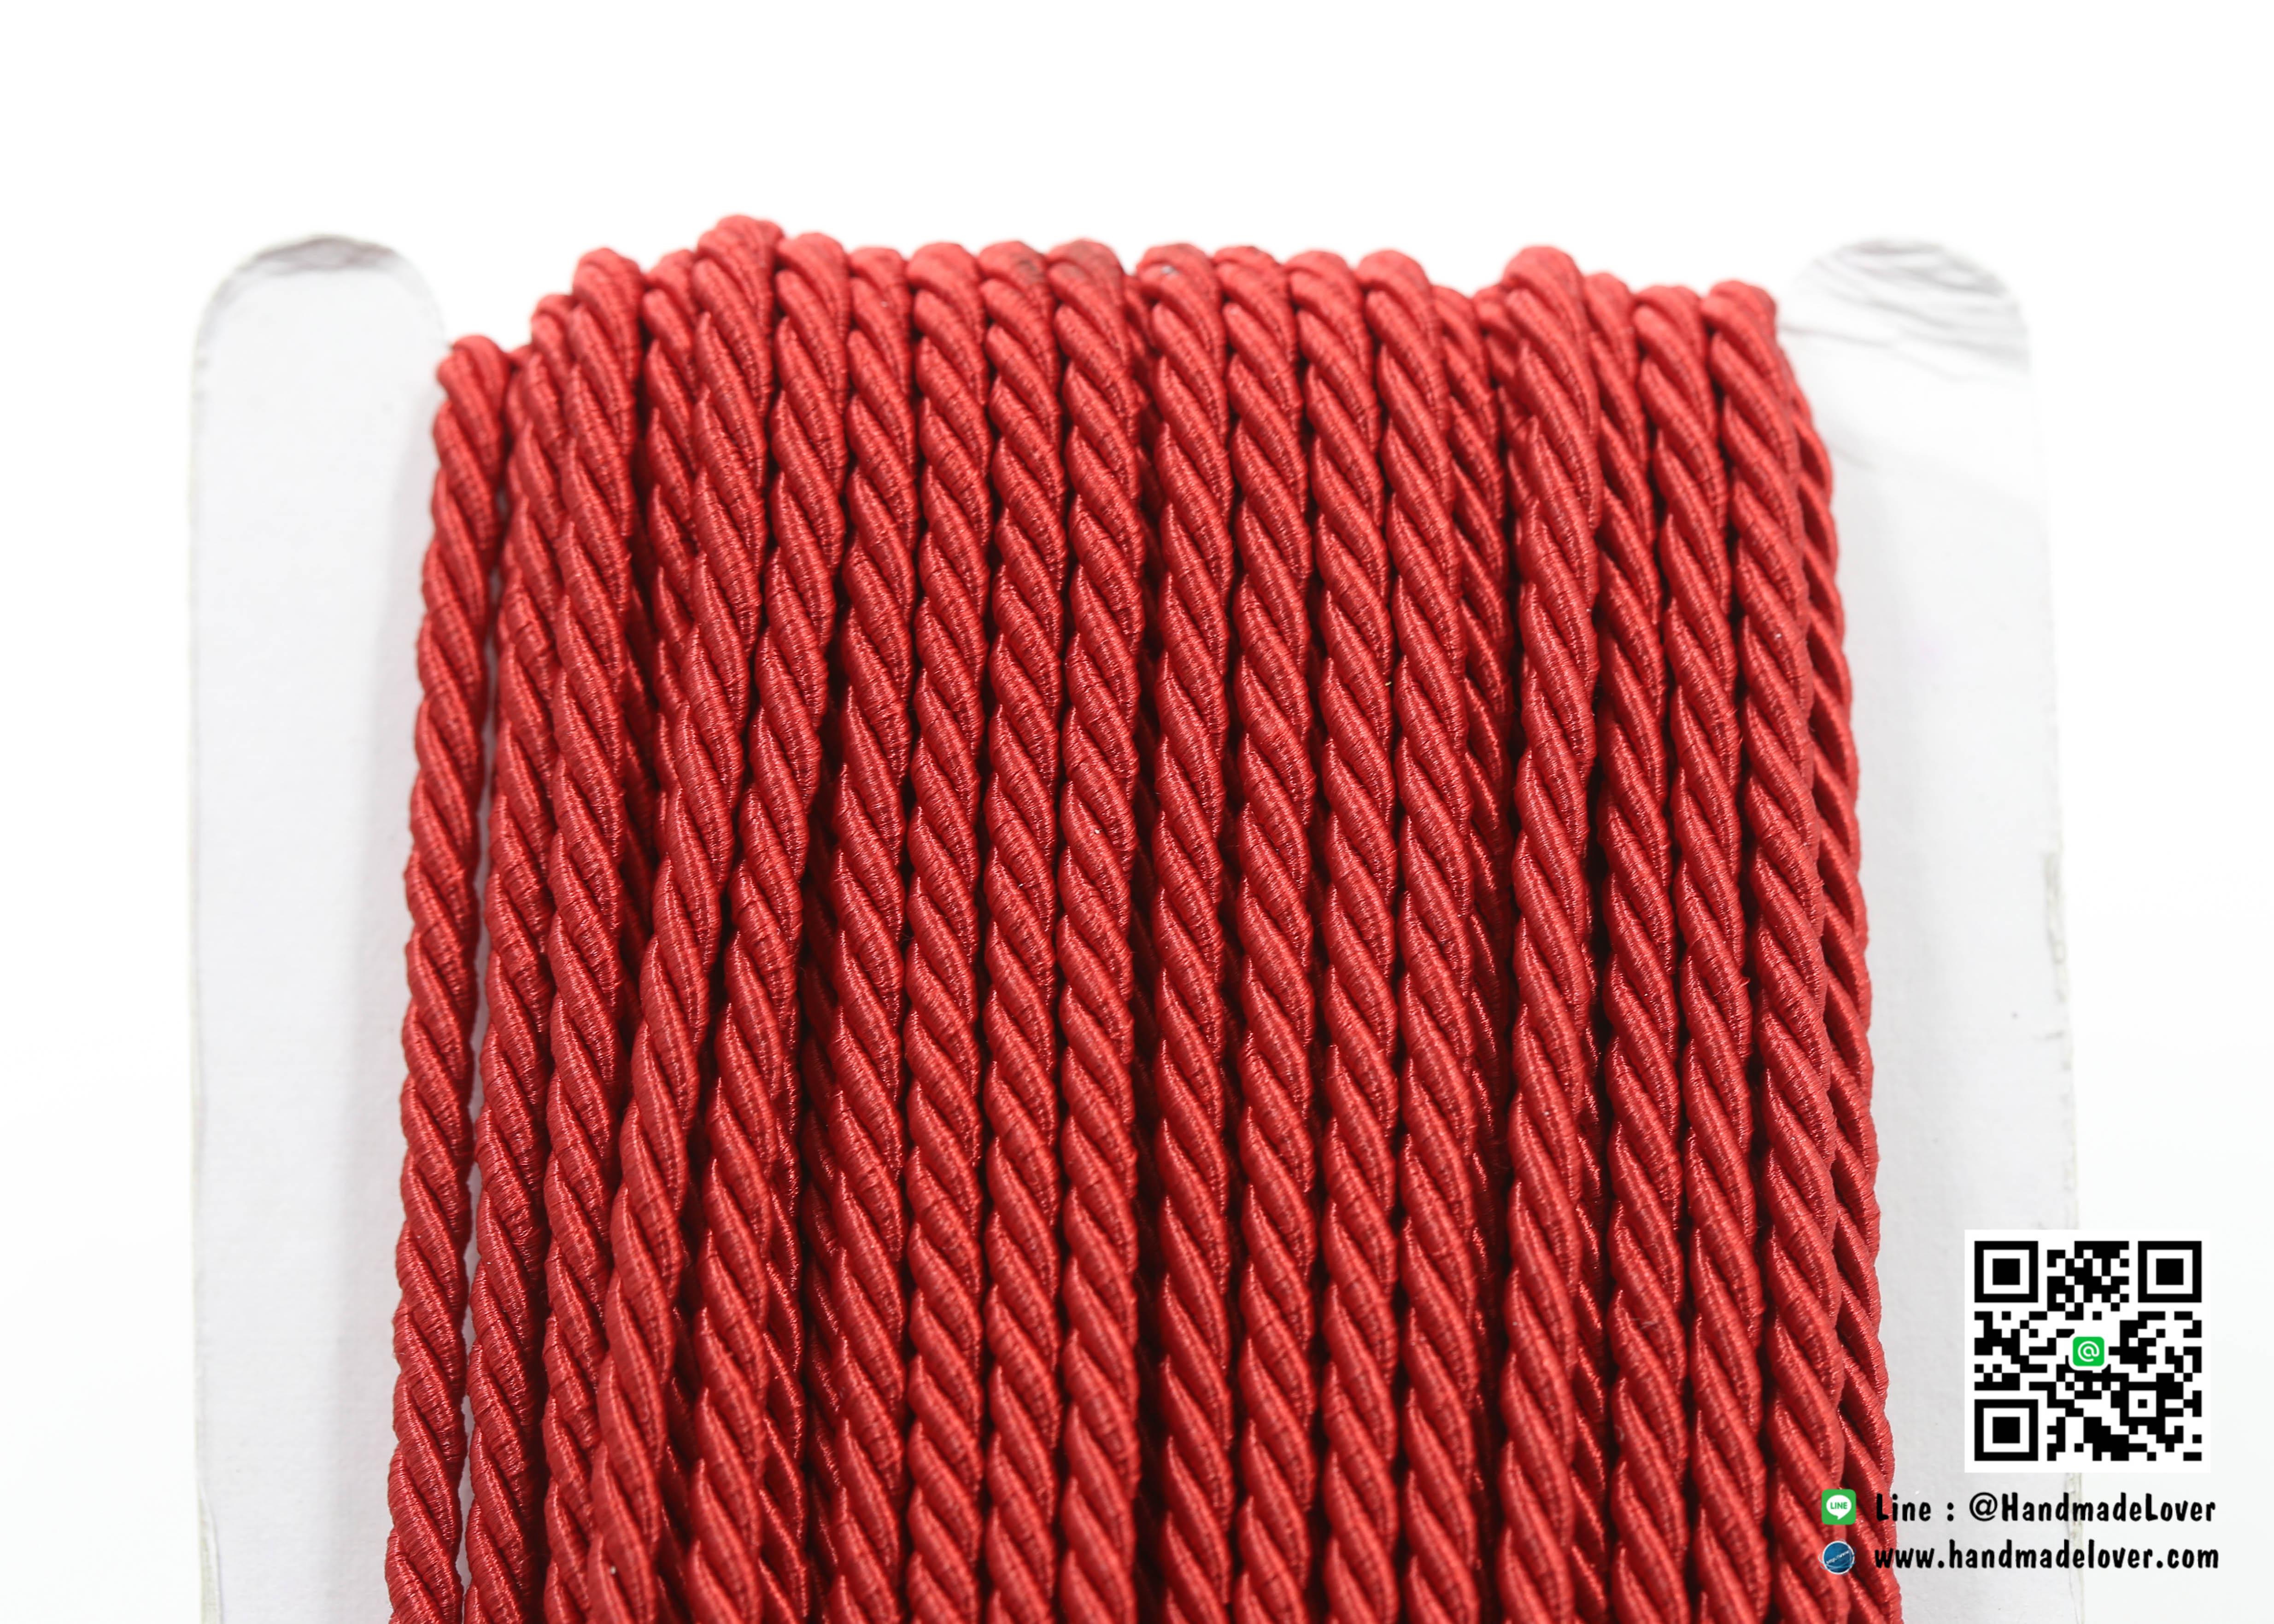 เชือกเกลียว สีแดงเข้ม [73] ขนาด 3 mm.